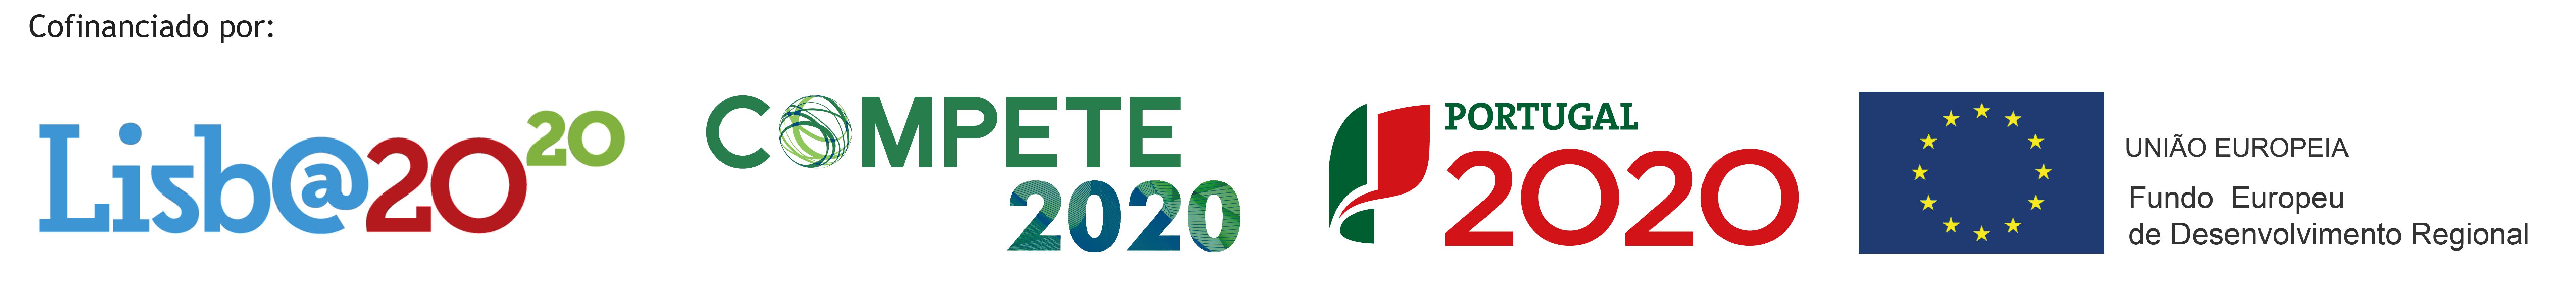 http://www.av.it.pt/logos/LISBOA2020_COMPETE2020_PT2020_FEDER_Cor.png